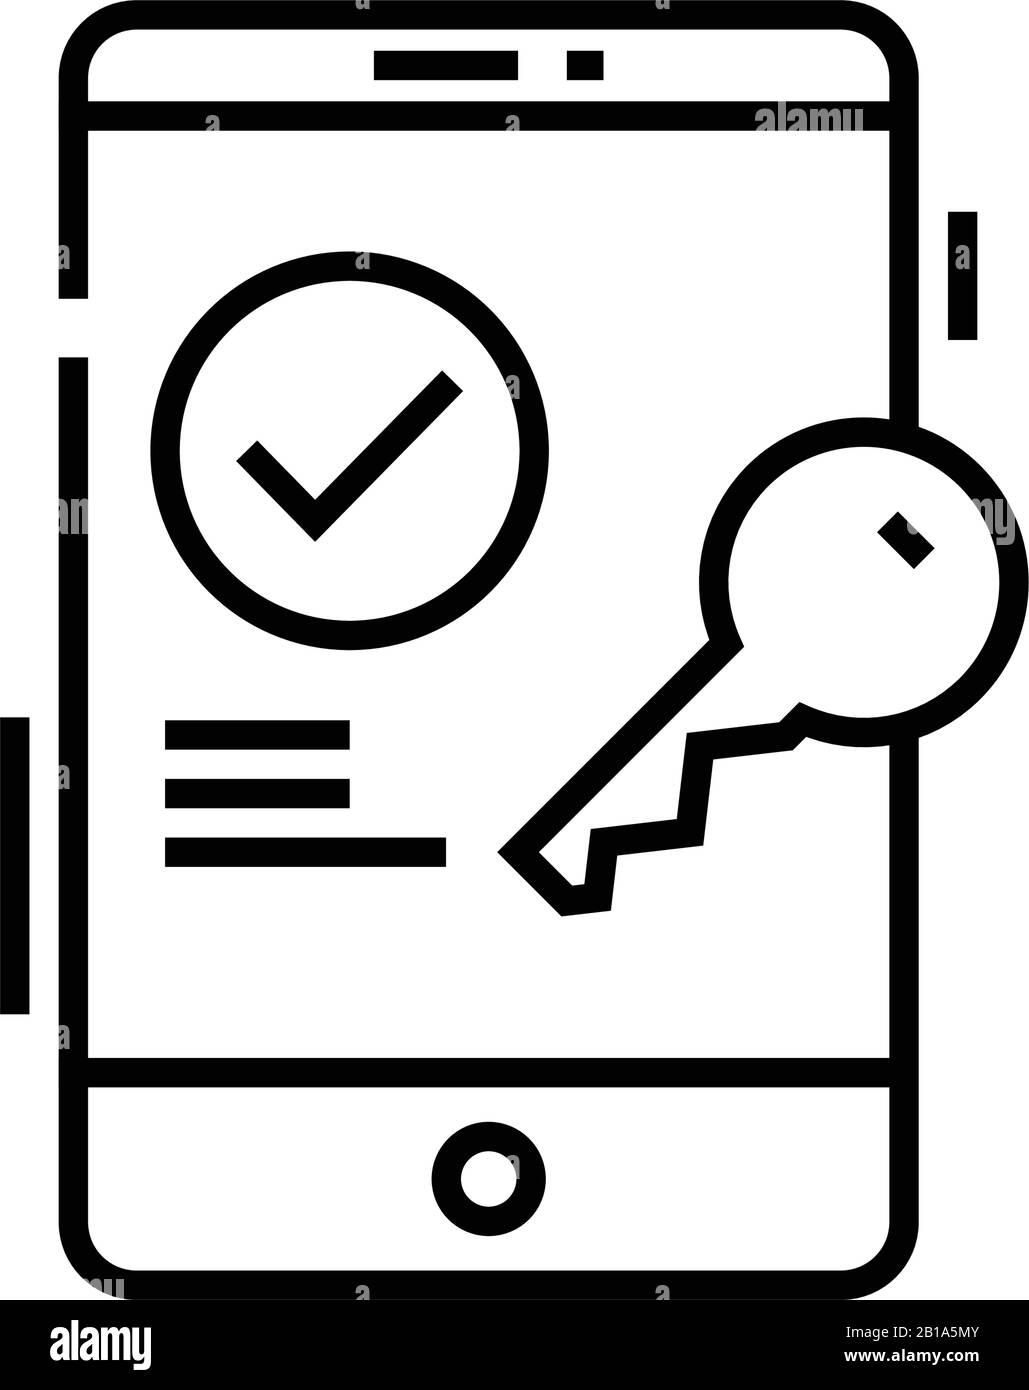 Corregir icono de línea de contraseña, signo conceptual, ilustración de vector de contorno, símbolo lineal. Ilustración del Vector